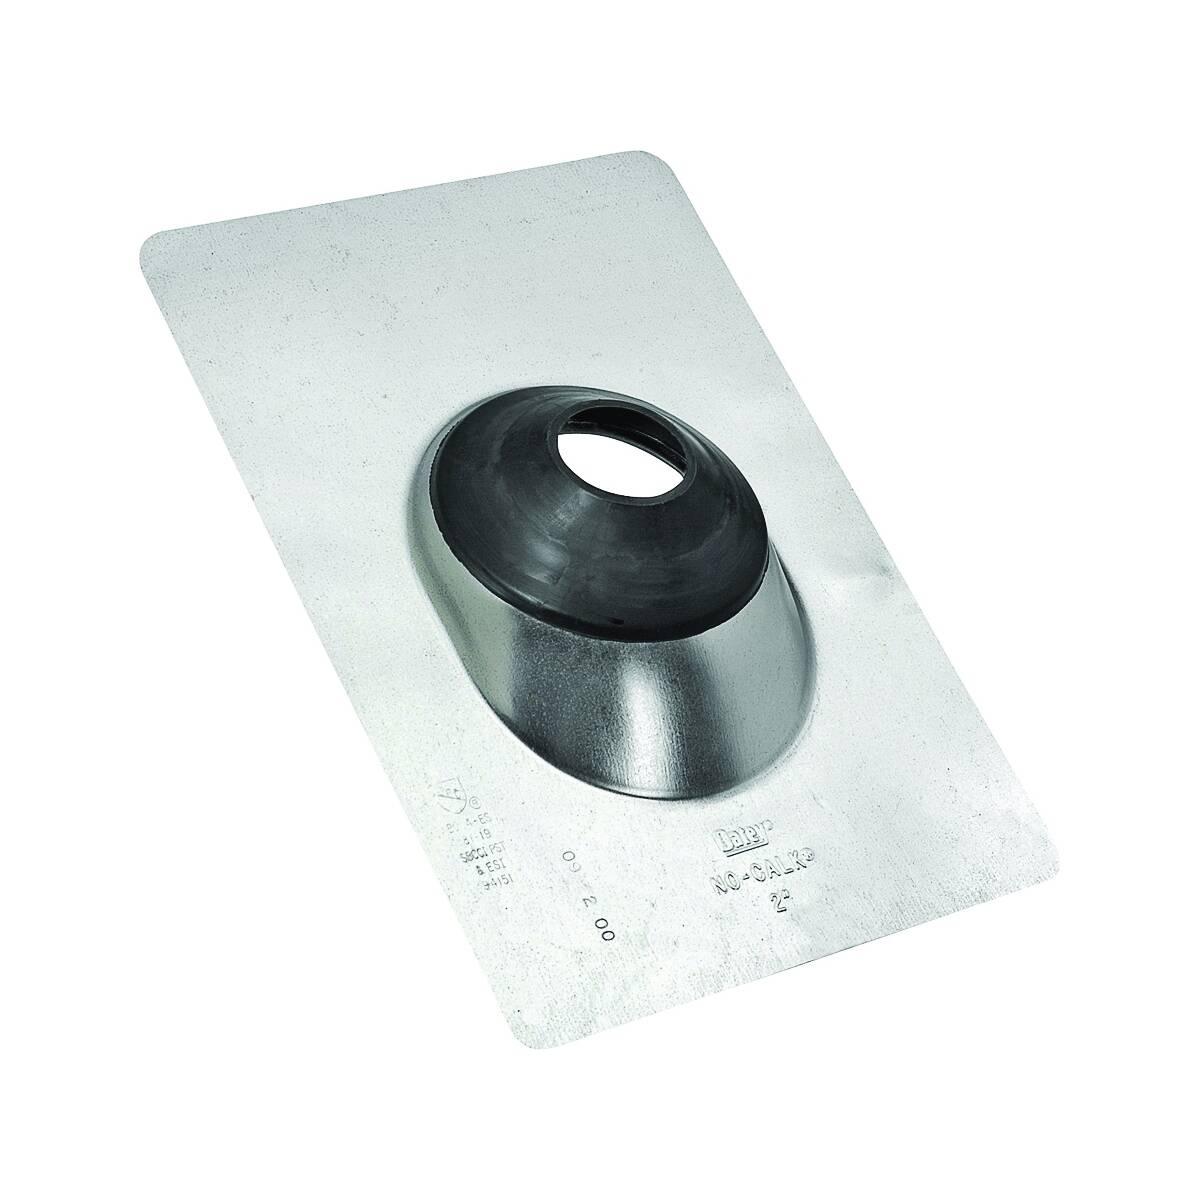 Hercules 11841 1 1 2 Inch No Calk Galvanized Steel Roof